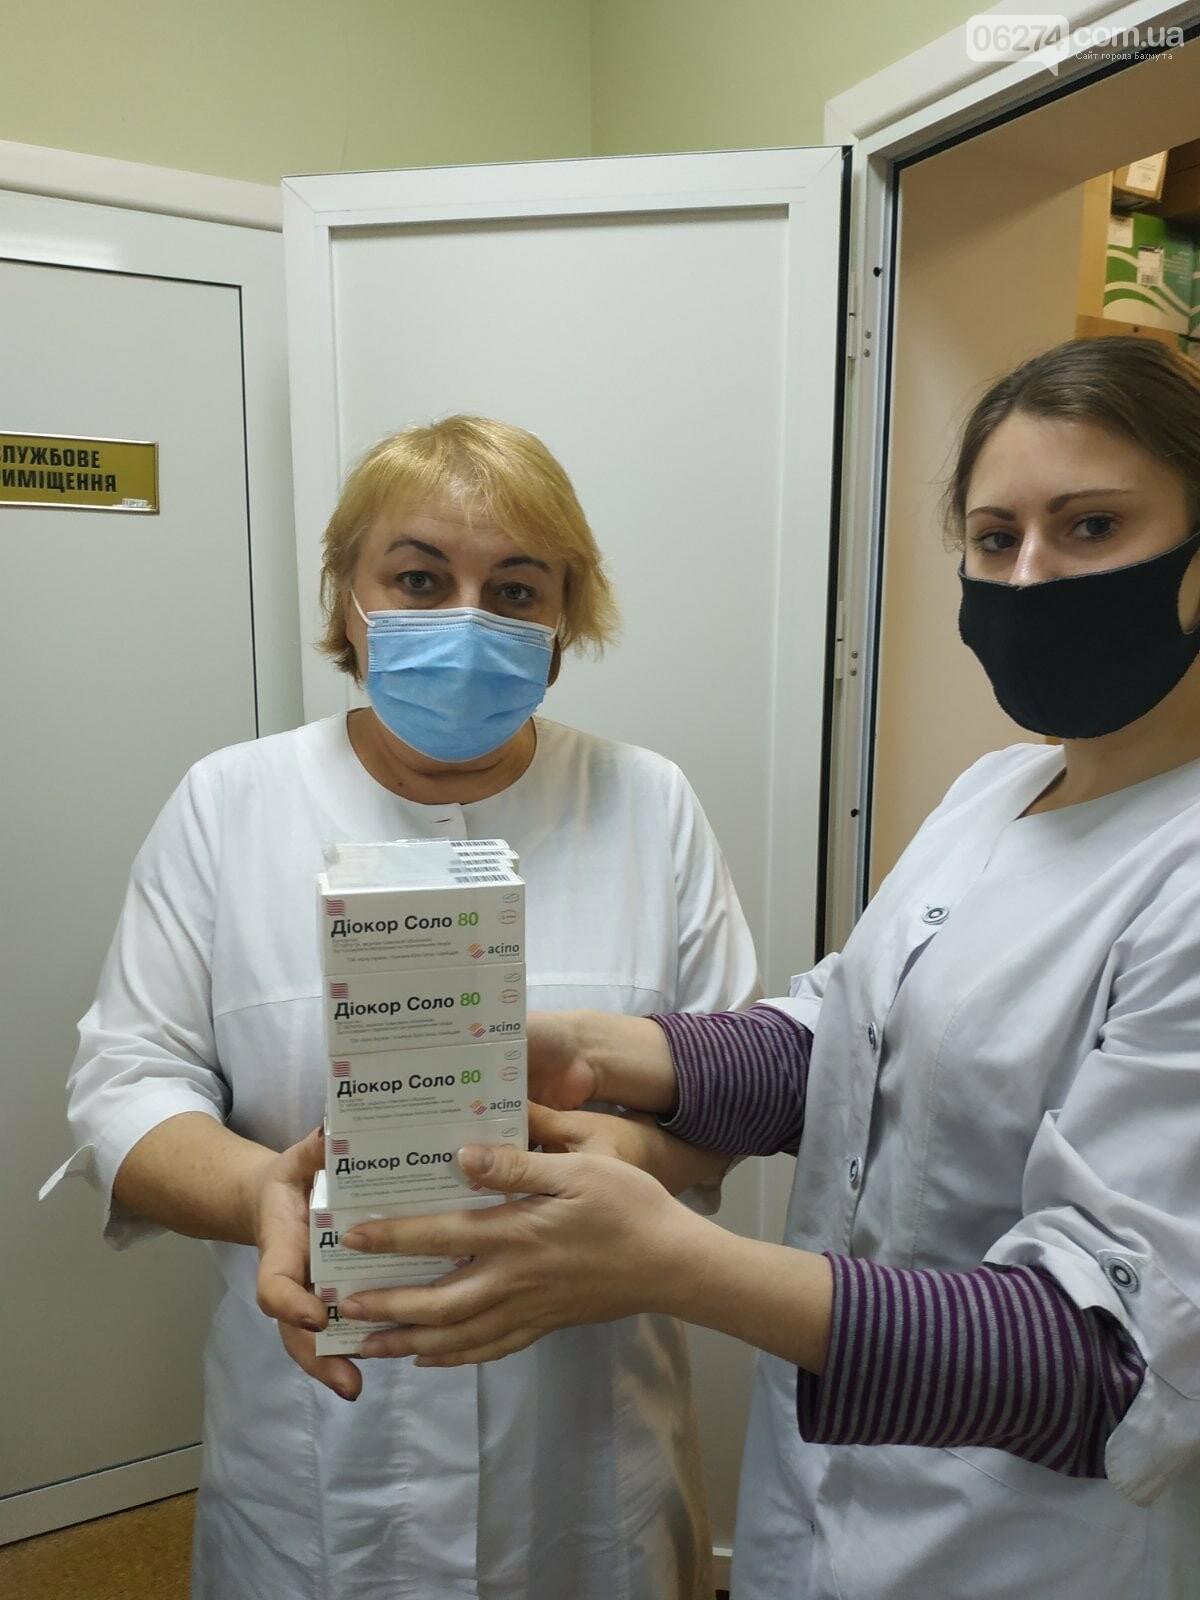 Кардиология бахмутской больницы получила гуманитарные лекарства, фото-1